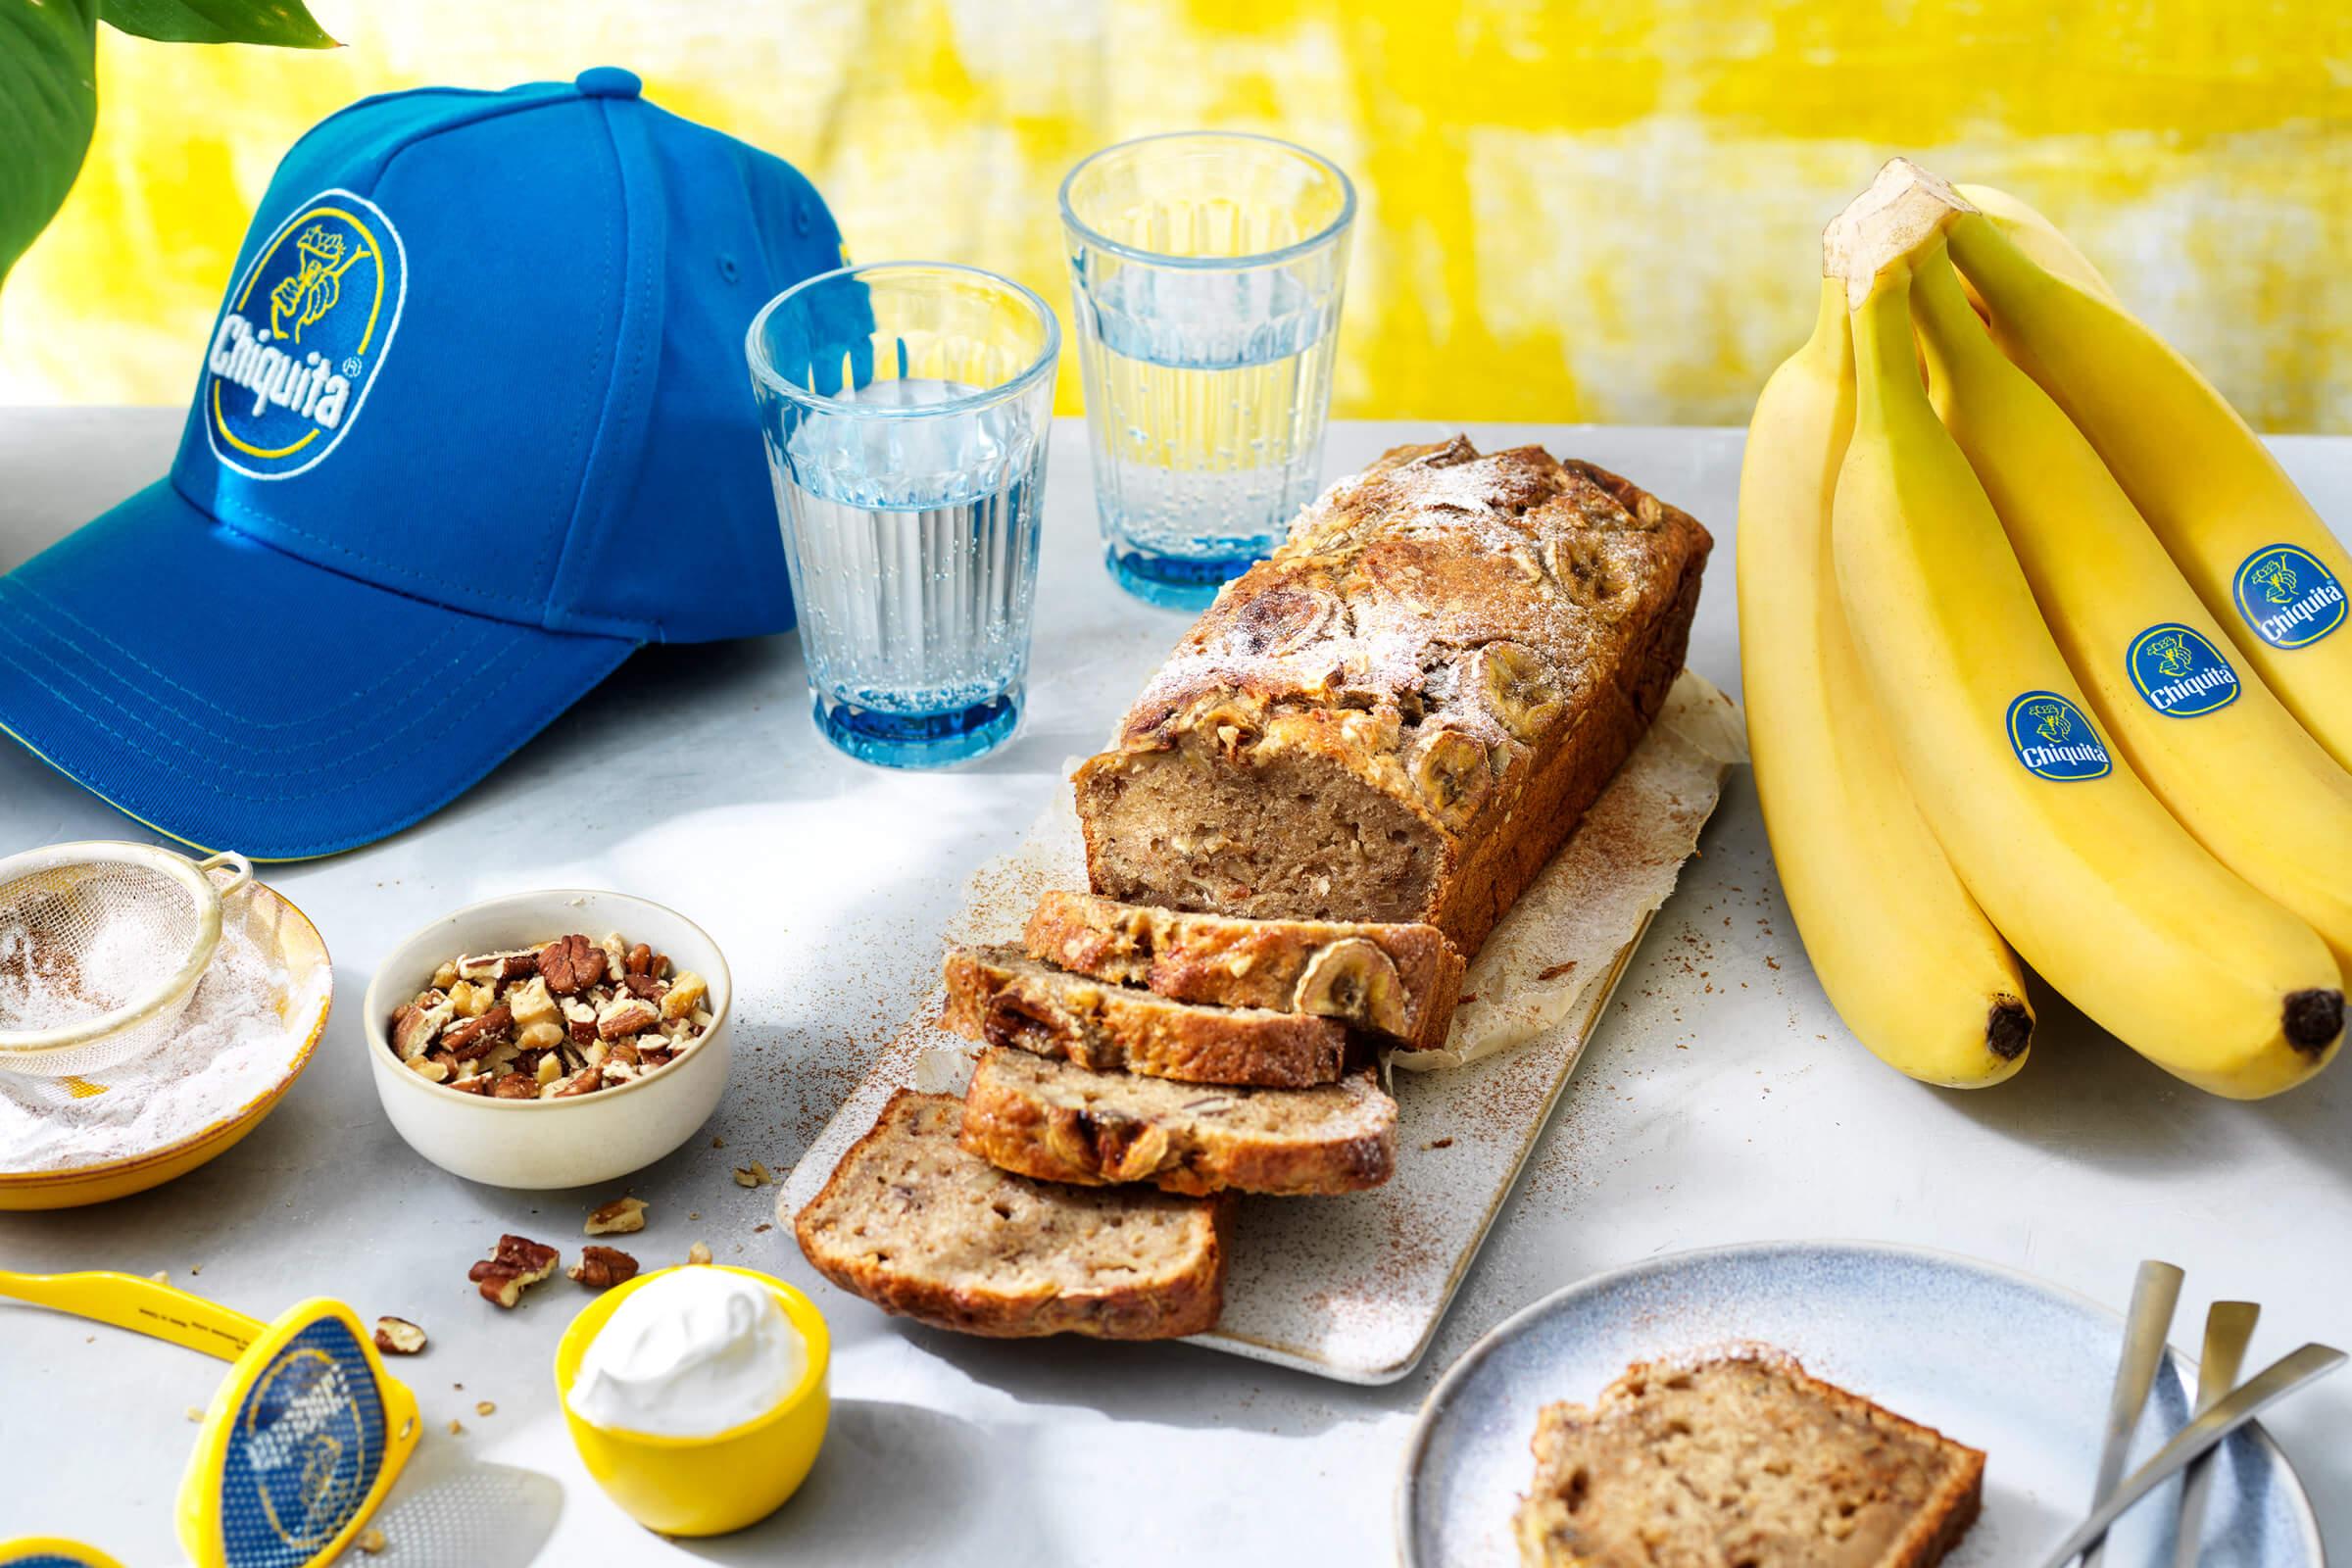 Eenvoudig brood van overgebleven Chiquita bananen